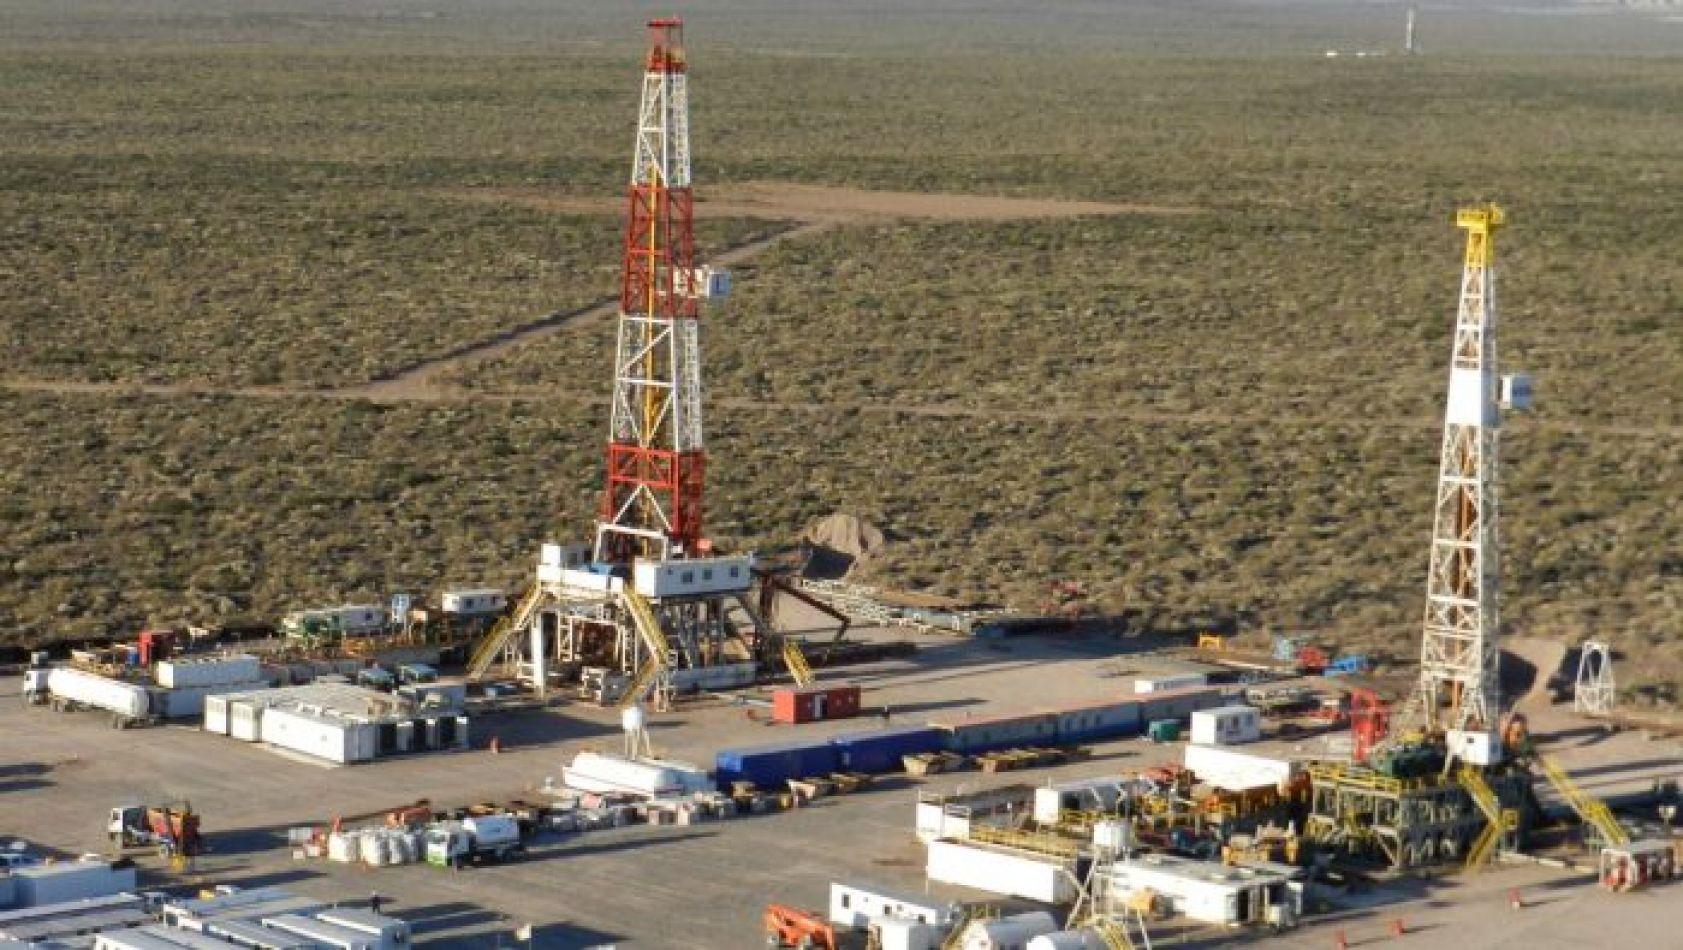 Yacimiento petrolífero Vaca Muerta